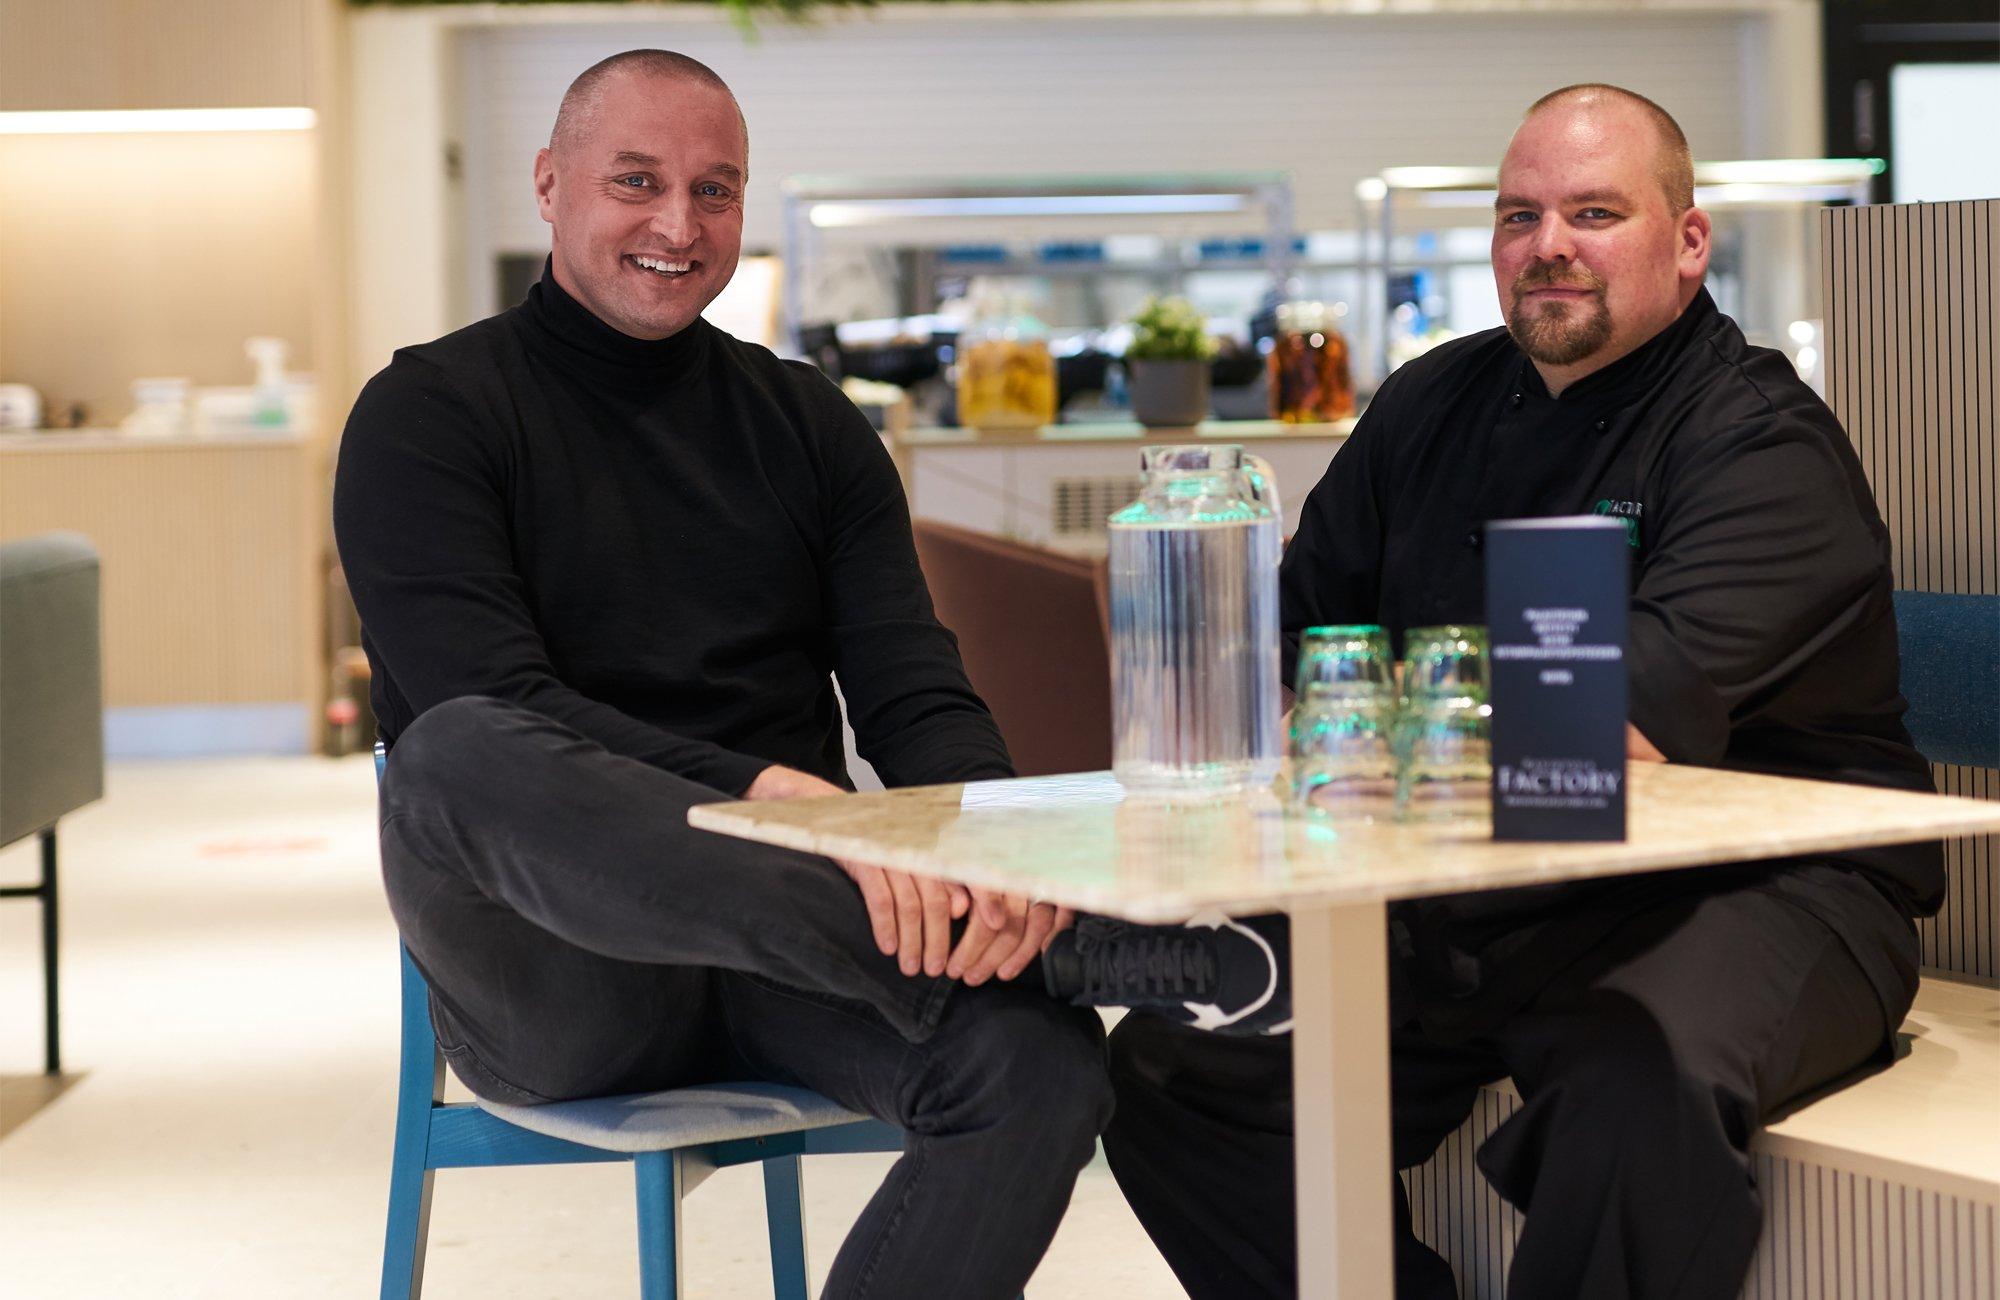 Ravintola Factoryn toimitusjohtaja Matti Karvonen ja Green Factoryn keittiömestari Jussi Koponen.